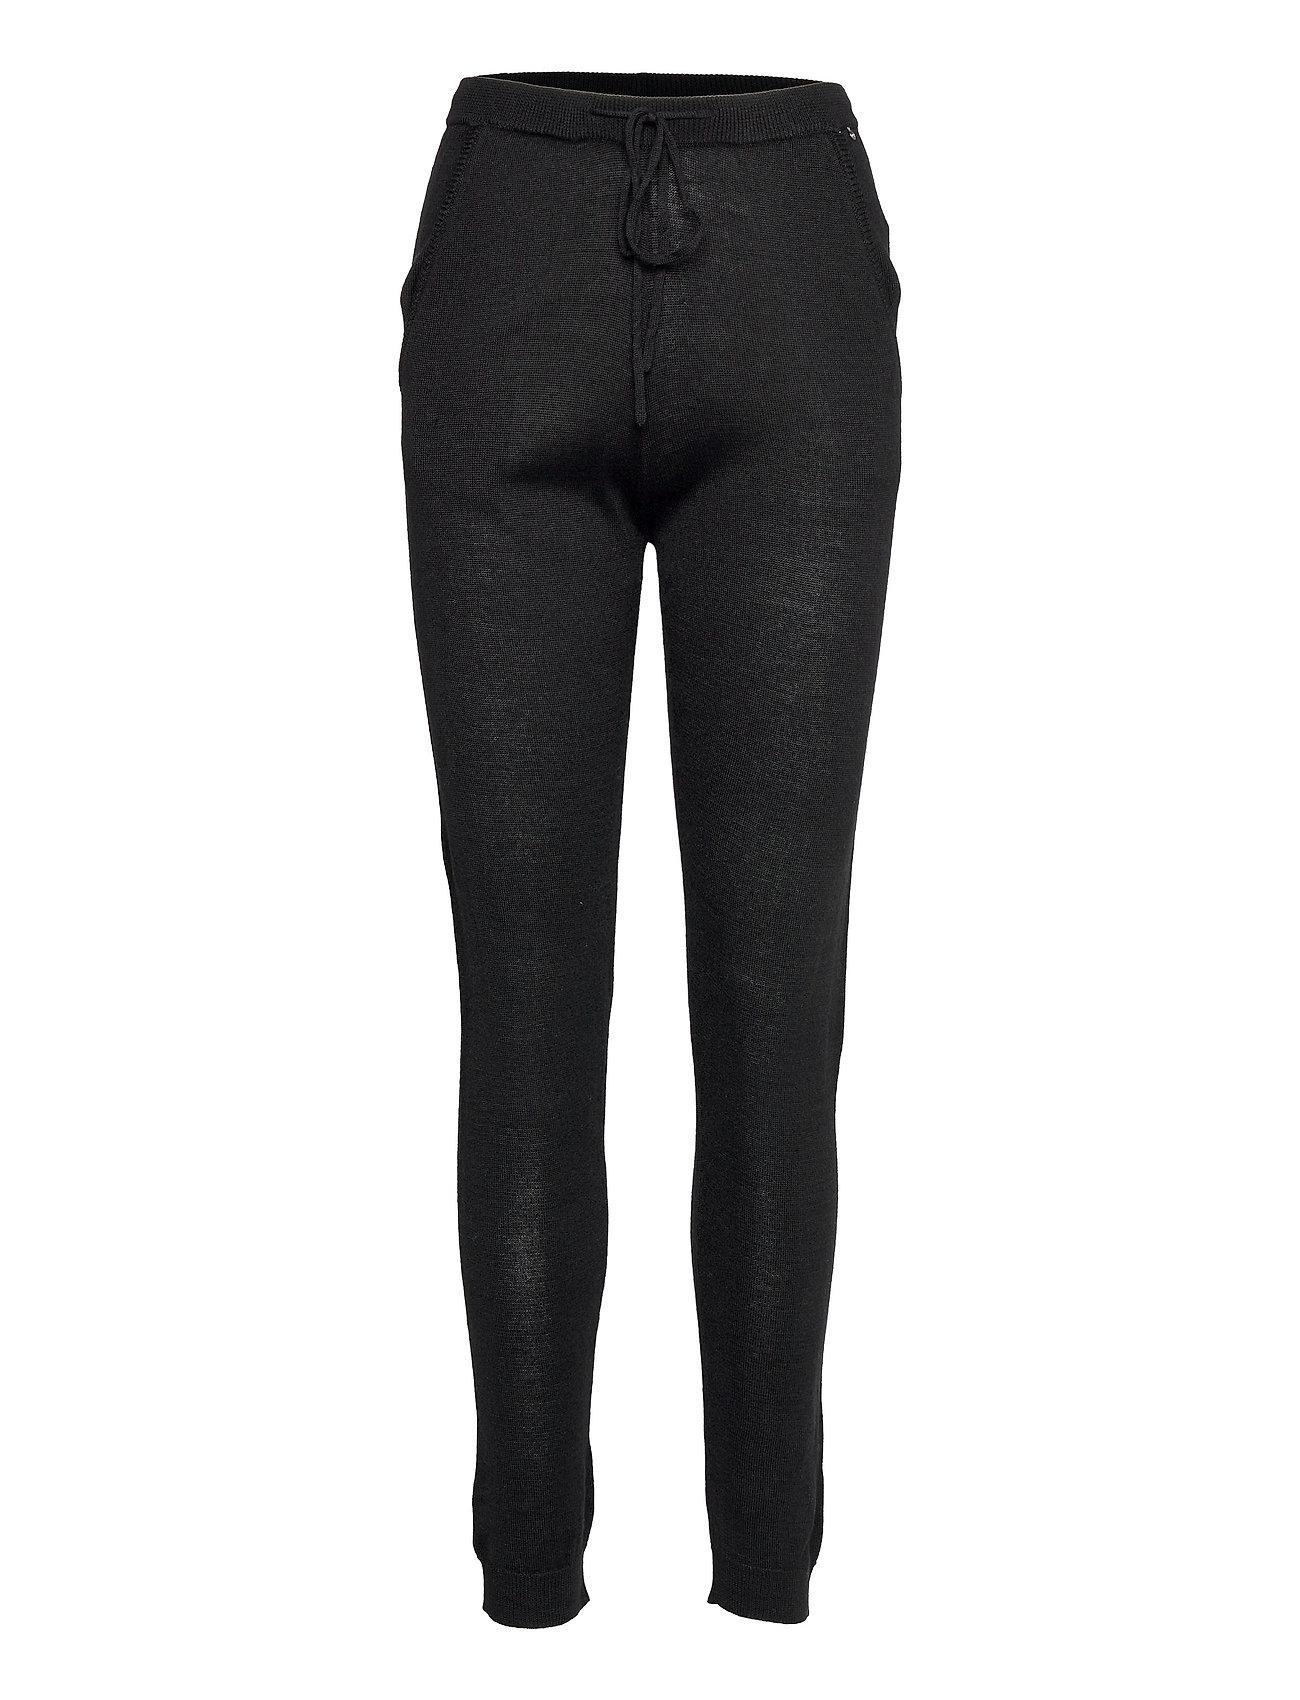 Merino Trousers Casual Bukser Sort Rosemunde